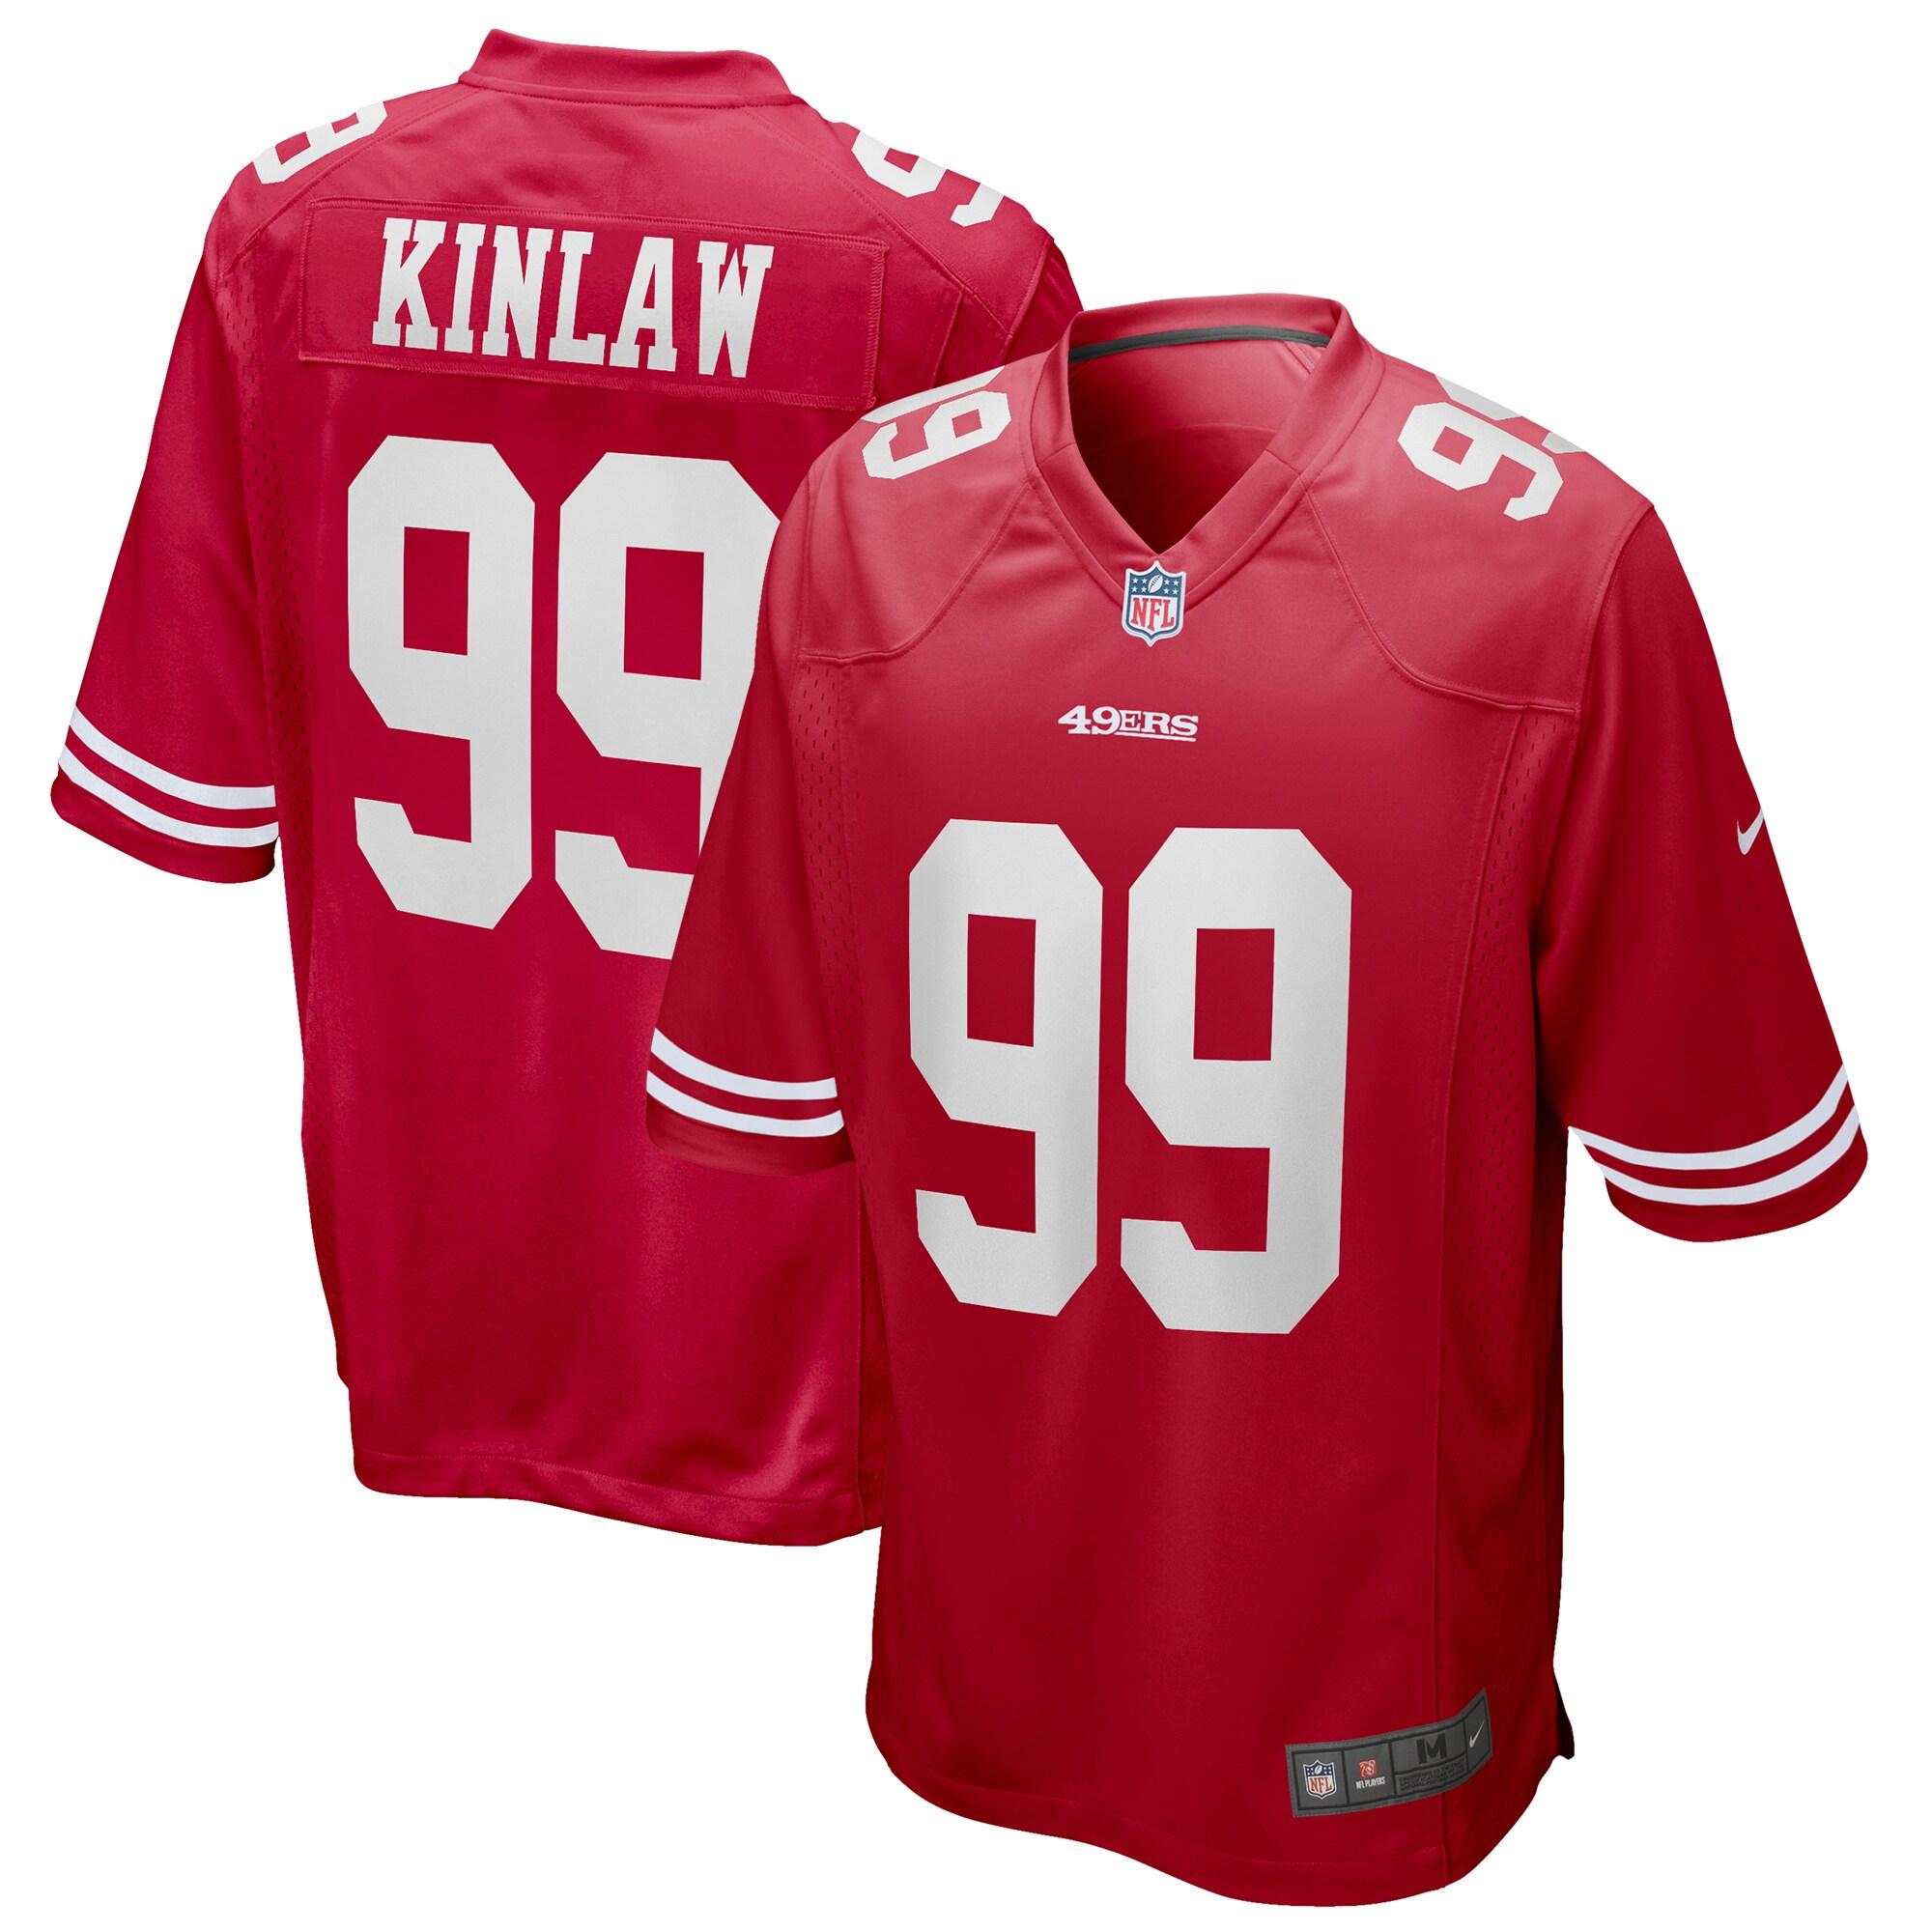 Javon Kinlaw San Francisco 49ers Nike 2020 NFL Draft First Round Pick Game Jersey - Scarlet